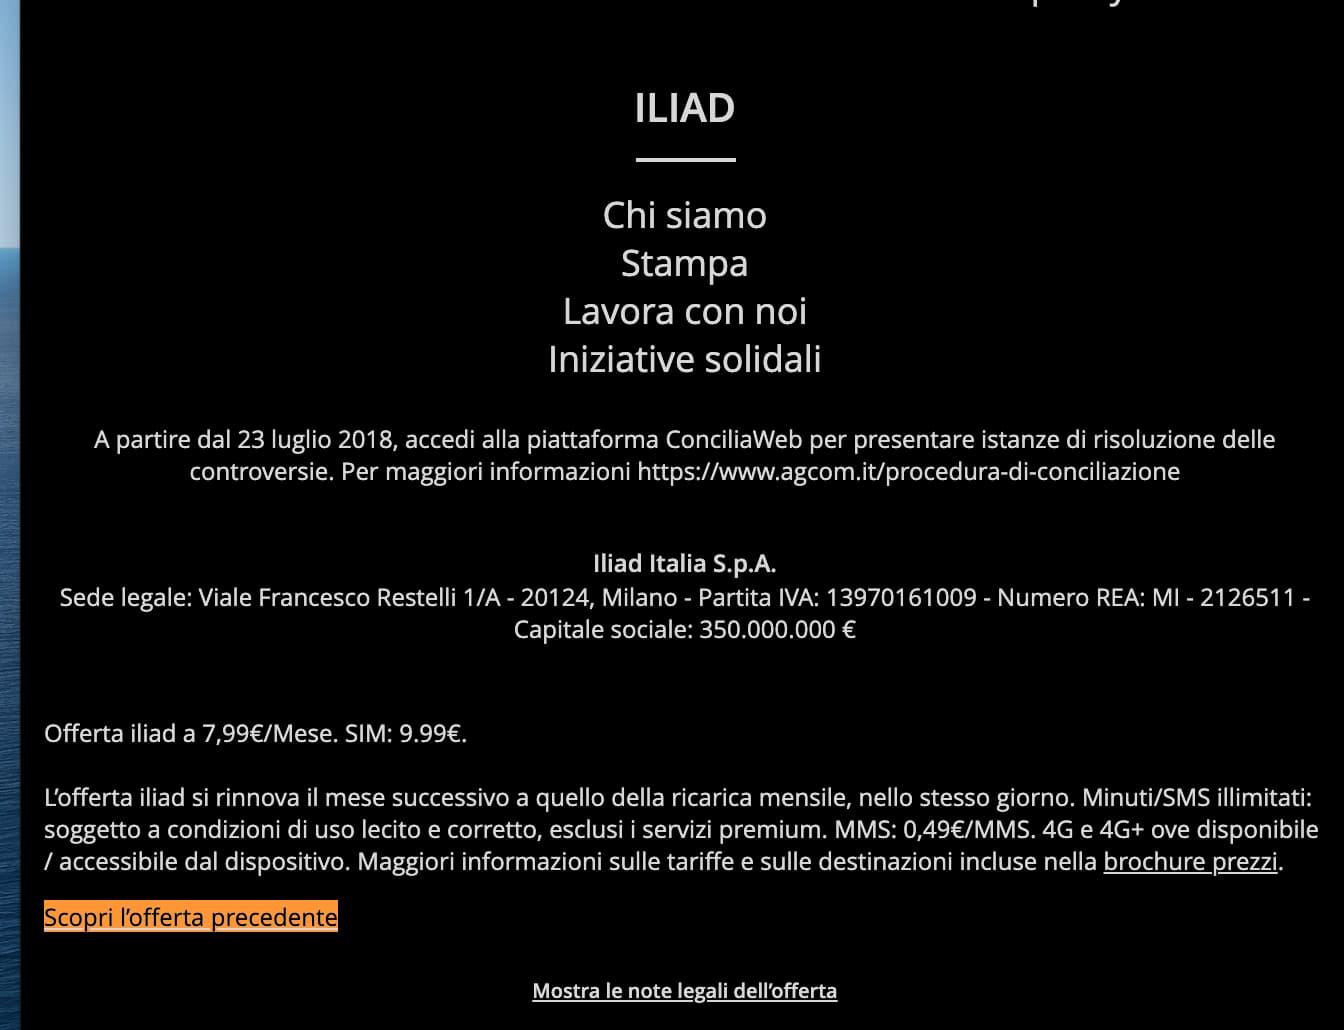 Iliad Offerta Precedente